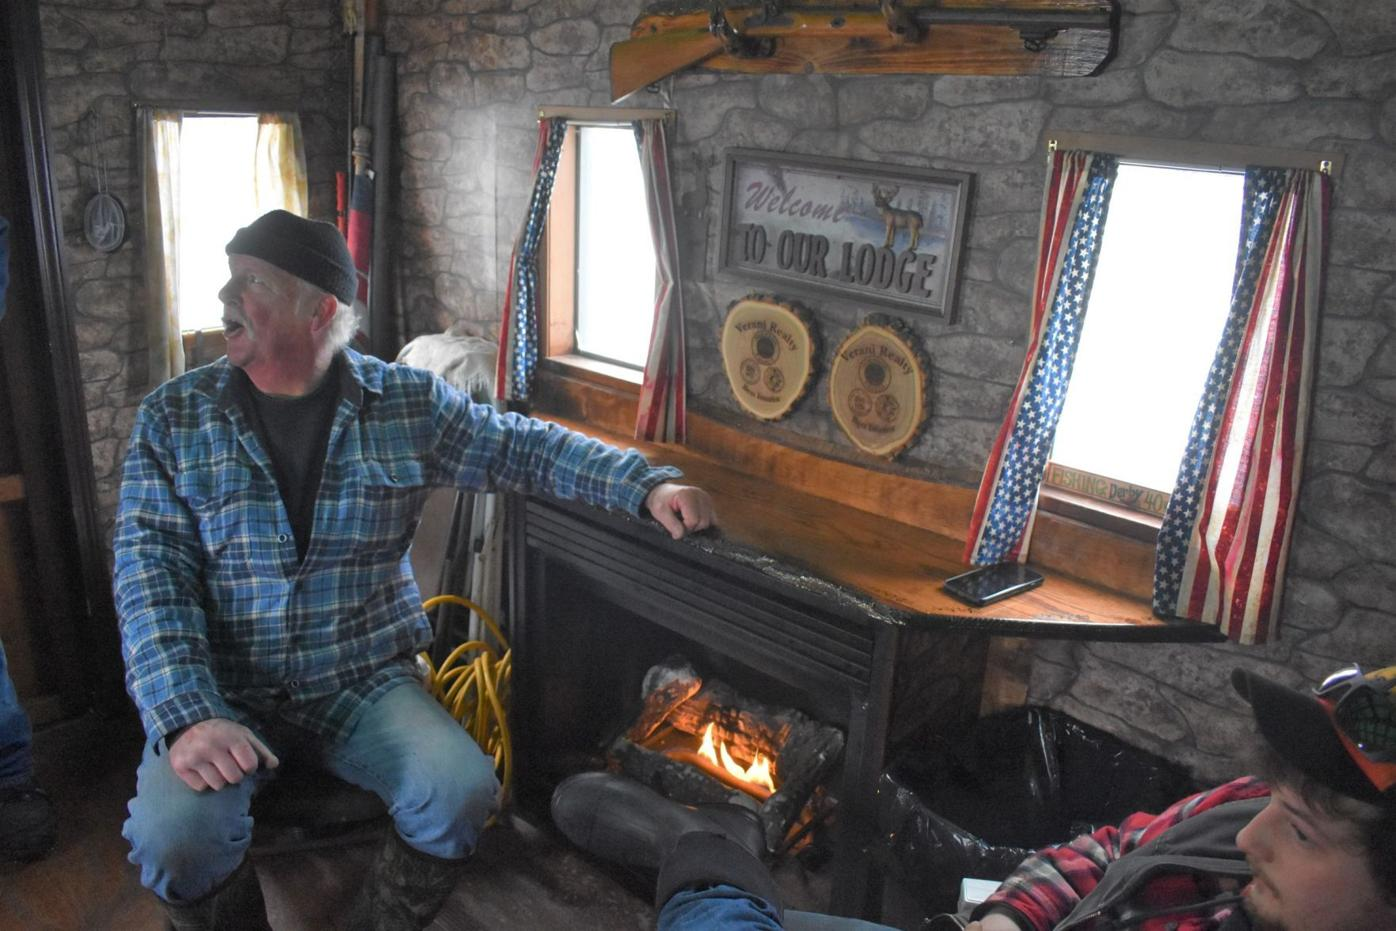 Captain Bob's bobhouse